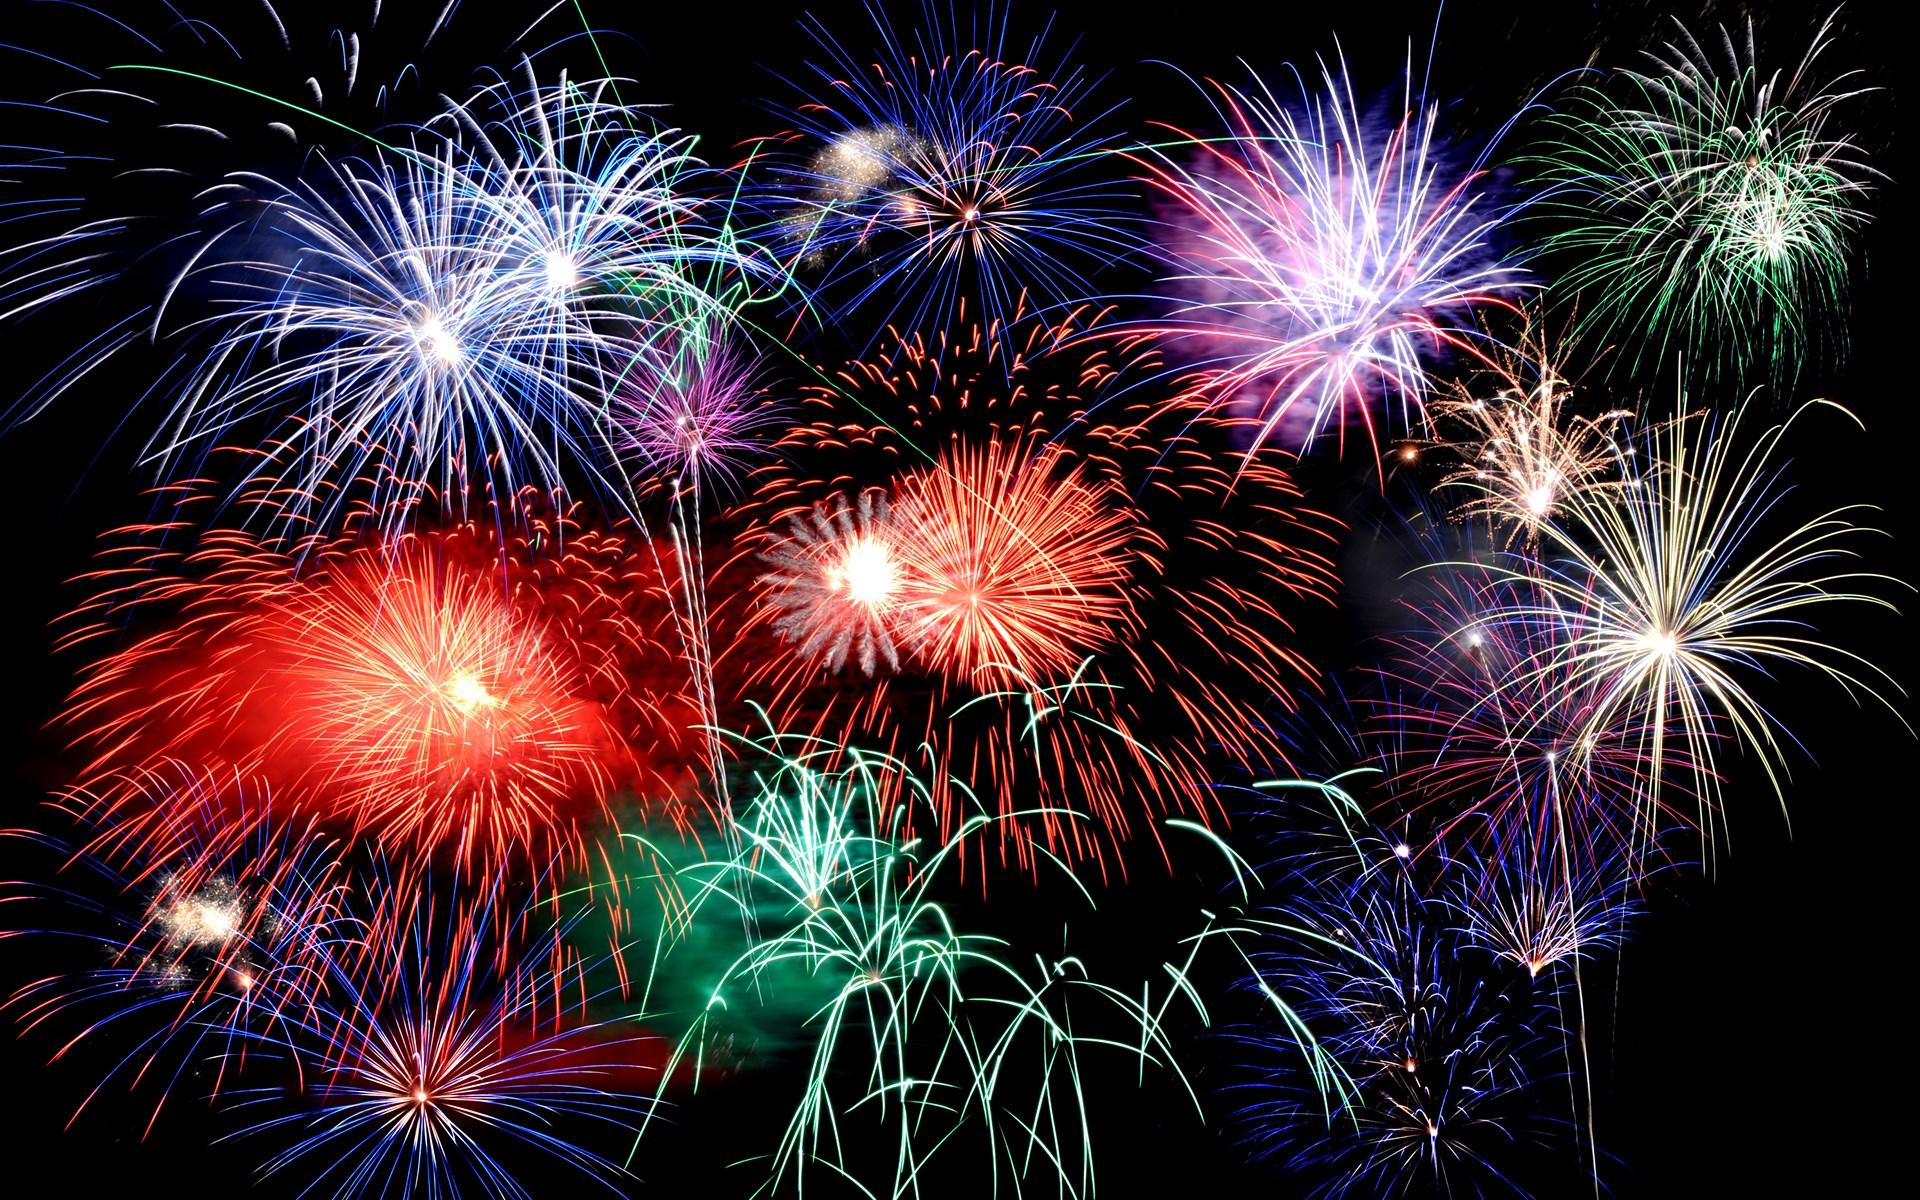 新年唯美烟花PPT背景图片免费下载是由PPT宝藏(www.pptbz.com)会员zengmin上传推荐的节日PPT背景图片, 更新时间为2016-10-11,素材编号105488。 烟花又称花炮、烟火、焰火,汉族劳动人民发明较早,主要用于军事上,盛大的典礼或表演中,而现代全中国以及到全世界唯一能在同天同活动里施放烟花的活动则为跨年(除夕夜)活动。 其实和爆竹的大同小异,其结构都包含黑火药和药引。点燃烟花后,类似以上提到的化学反应引发爆炸,而爆炸过程中所释放出来的能量,绝大部分转化成光能呈现在我们眼中。制